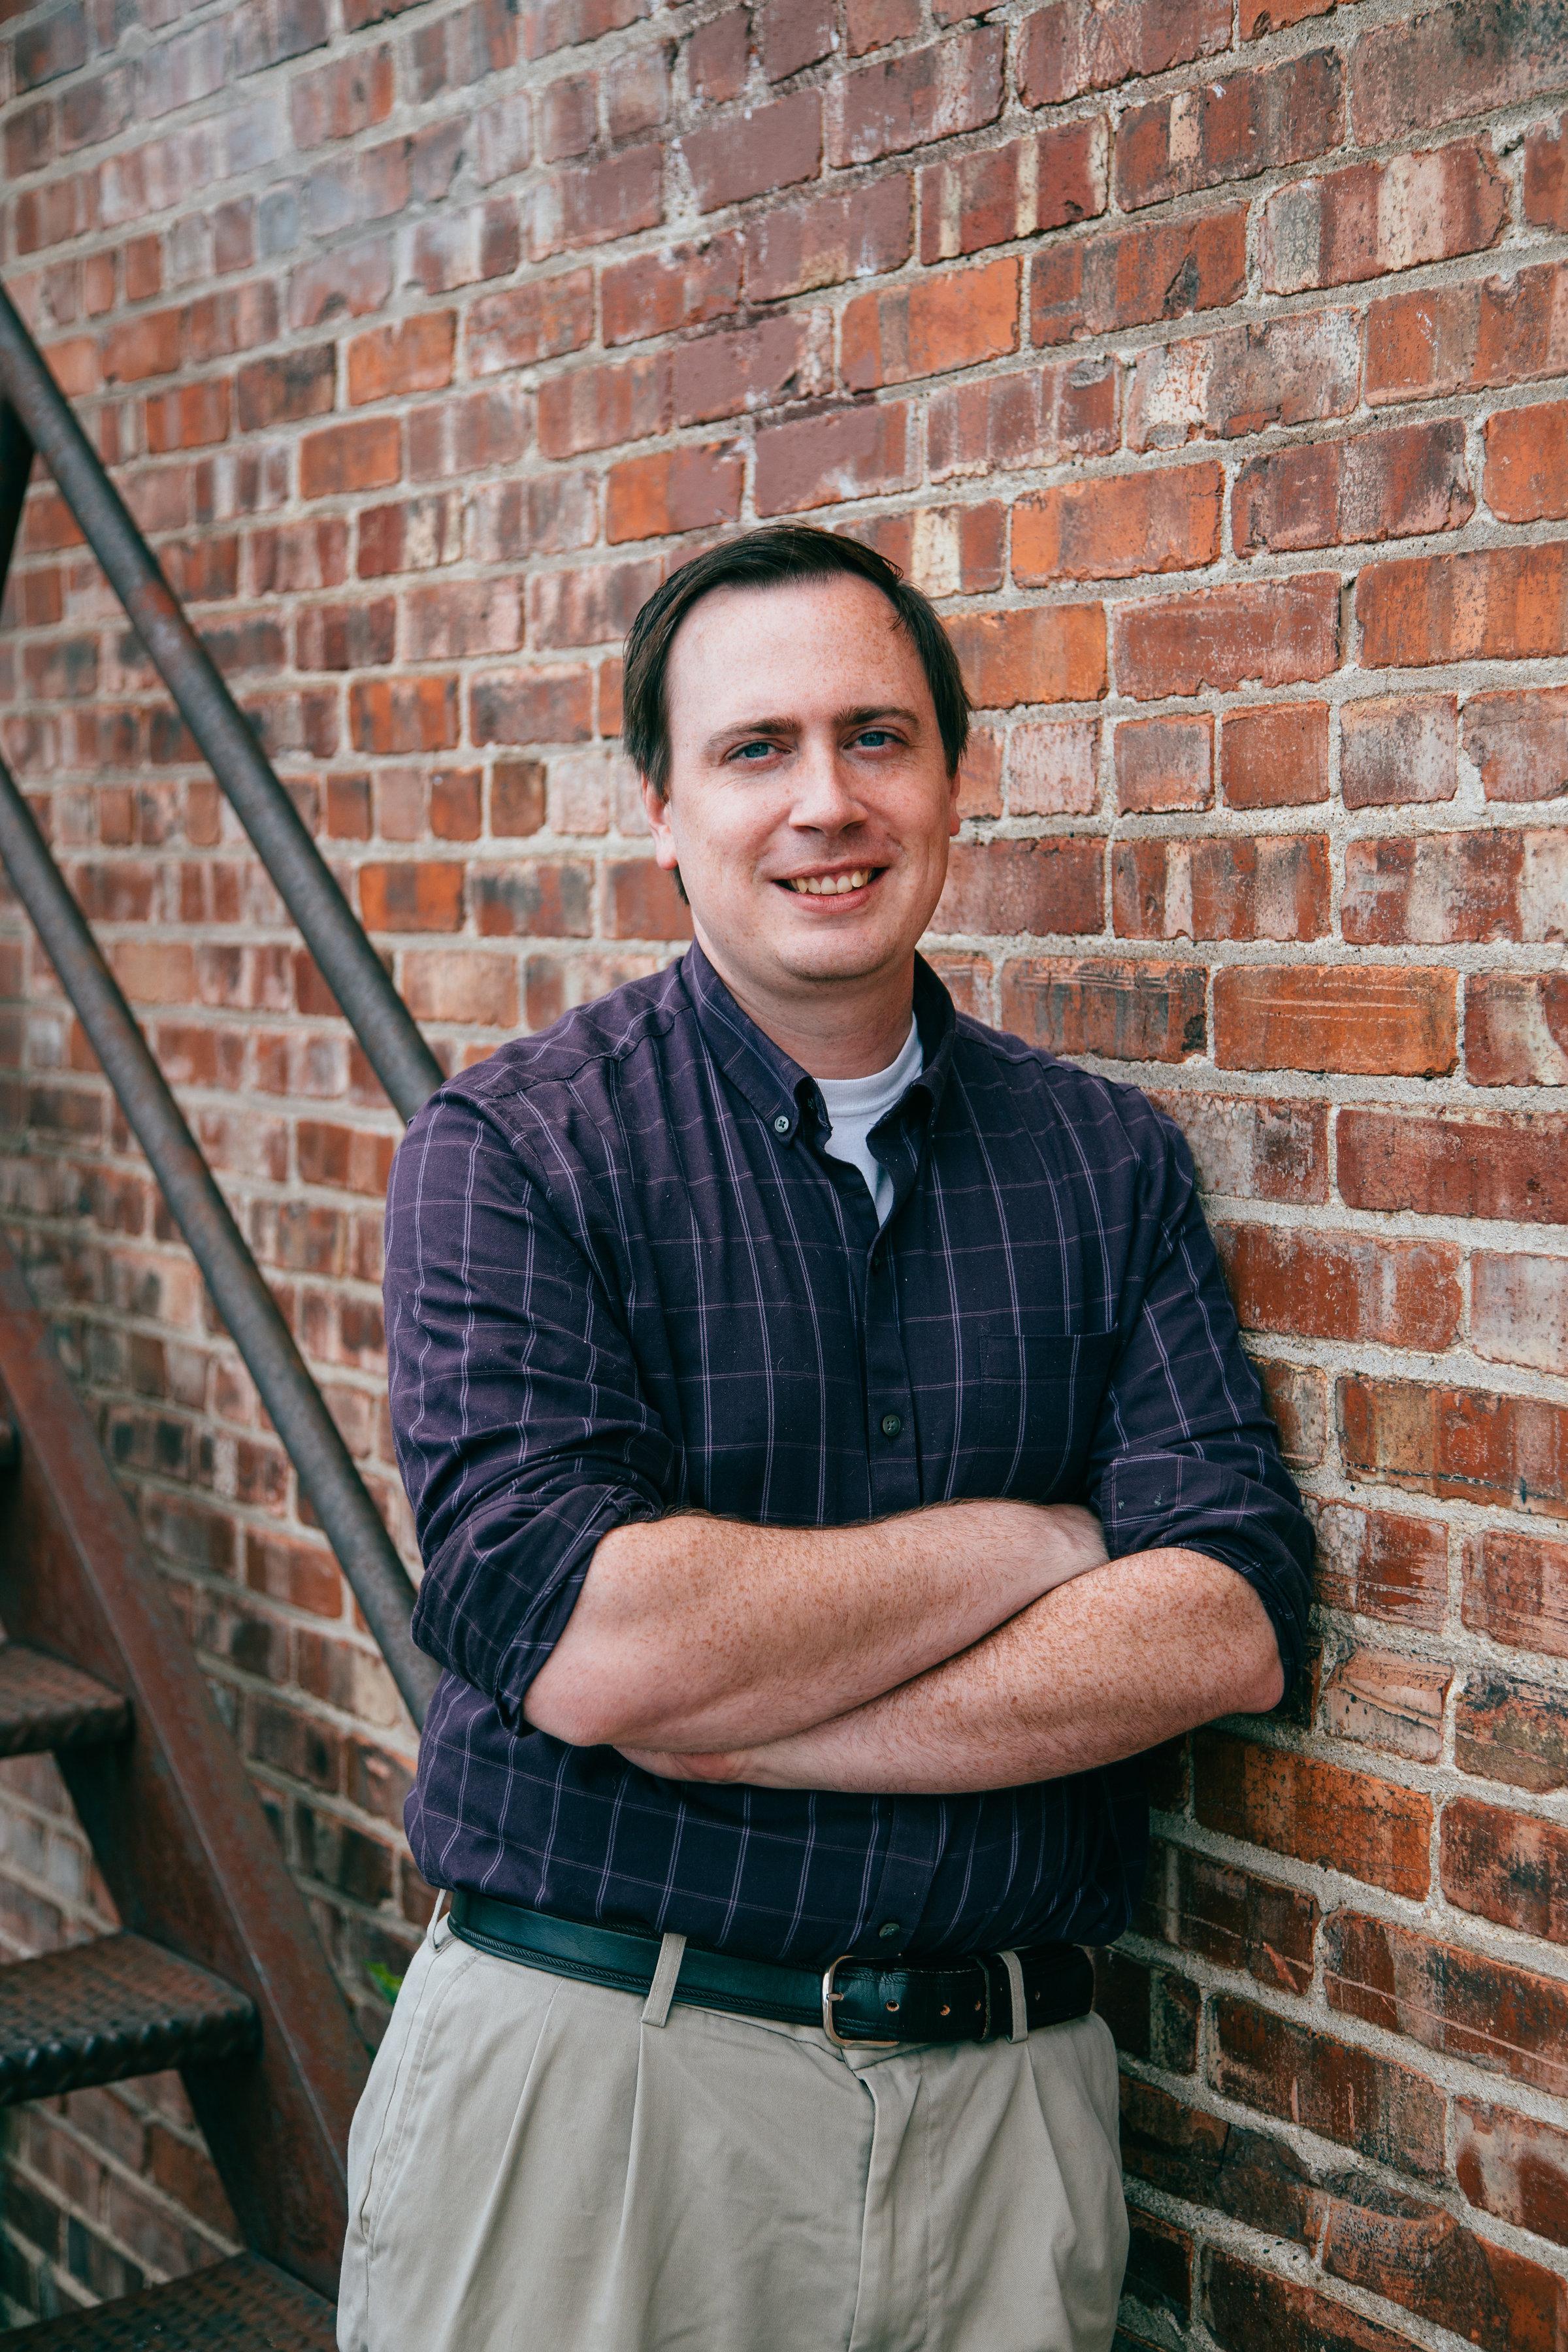 Matt Speer